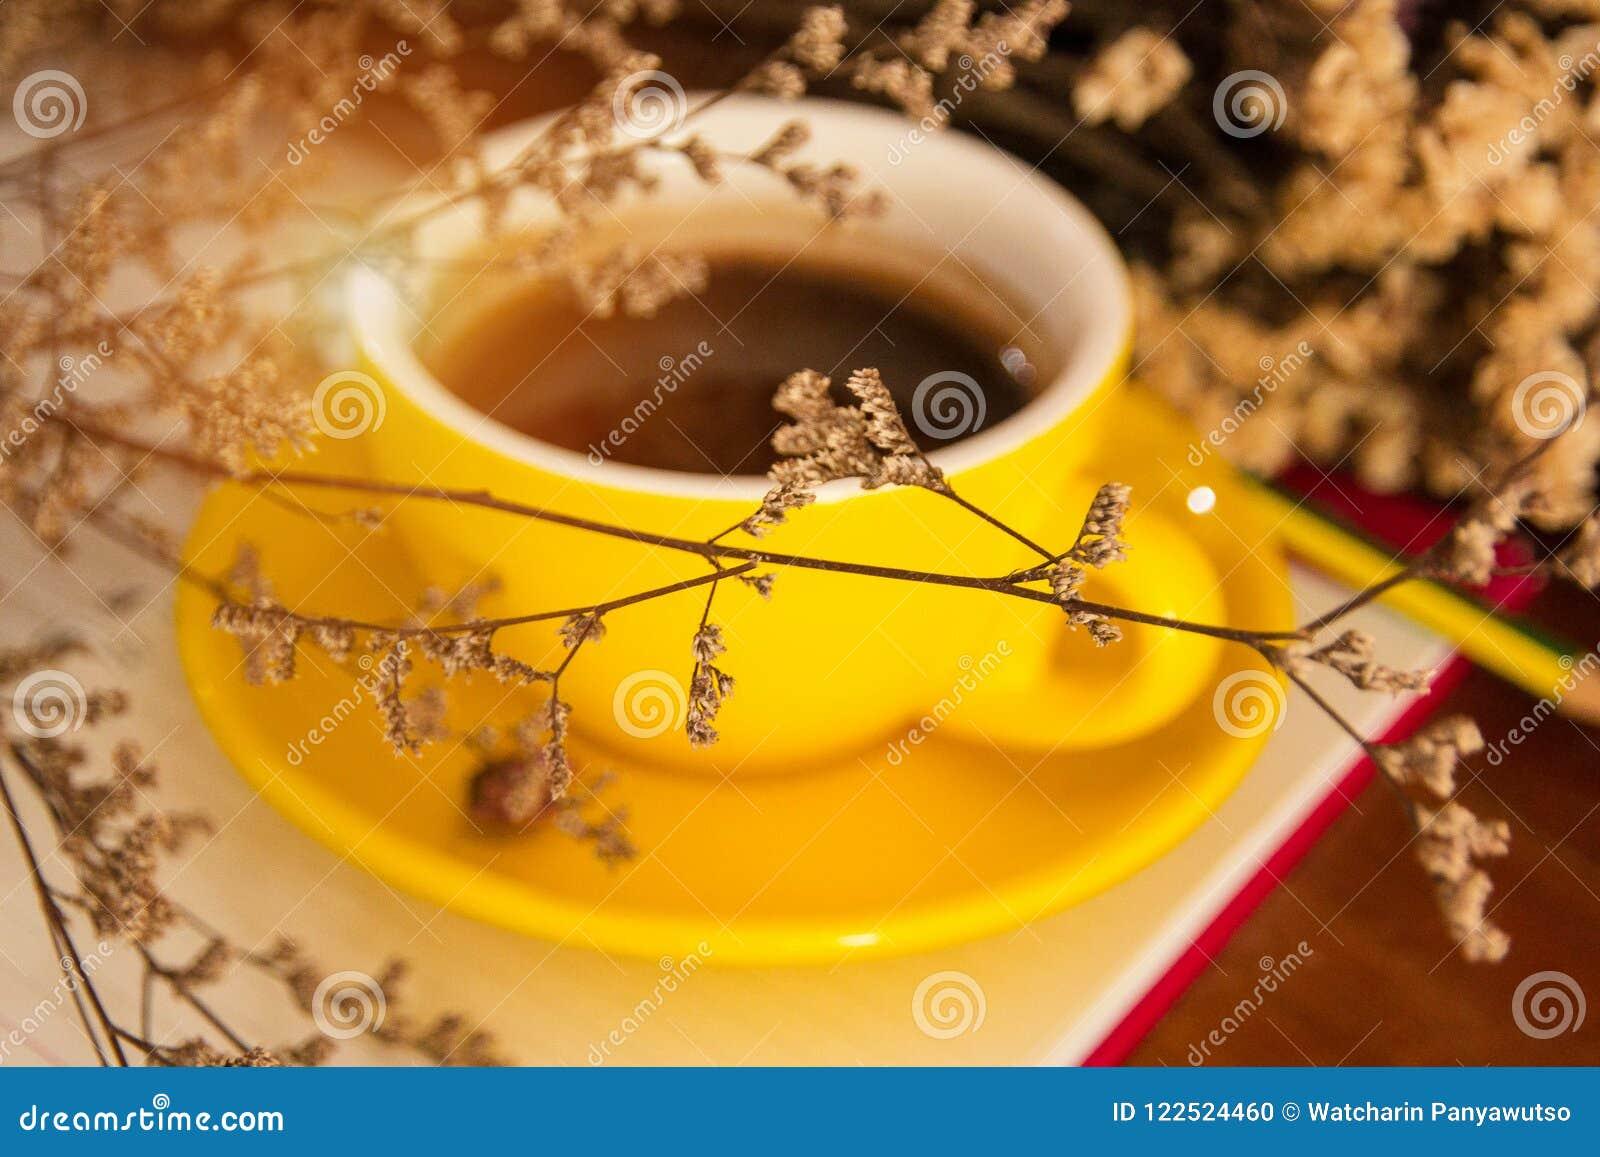 Le fond clair trouble de conception de la tasse de café en céramique jaune a mis au fond du style sec de fleur, de vintage et d a